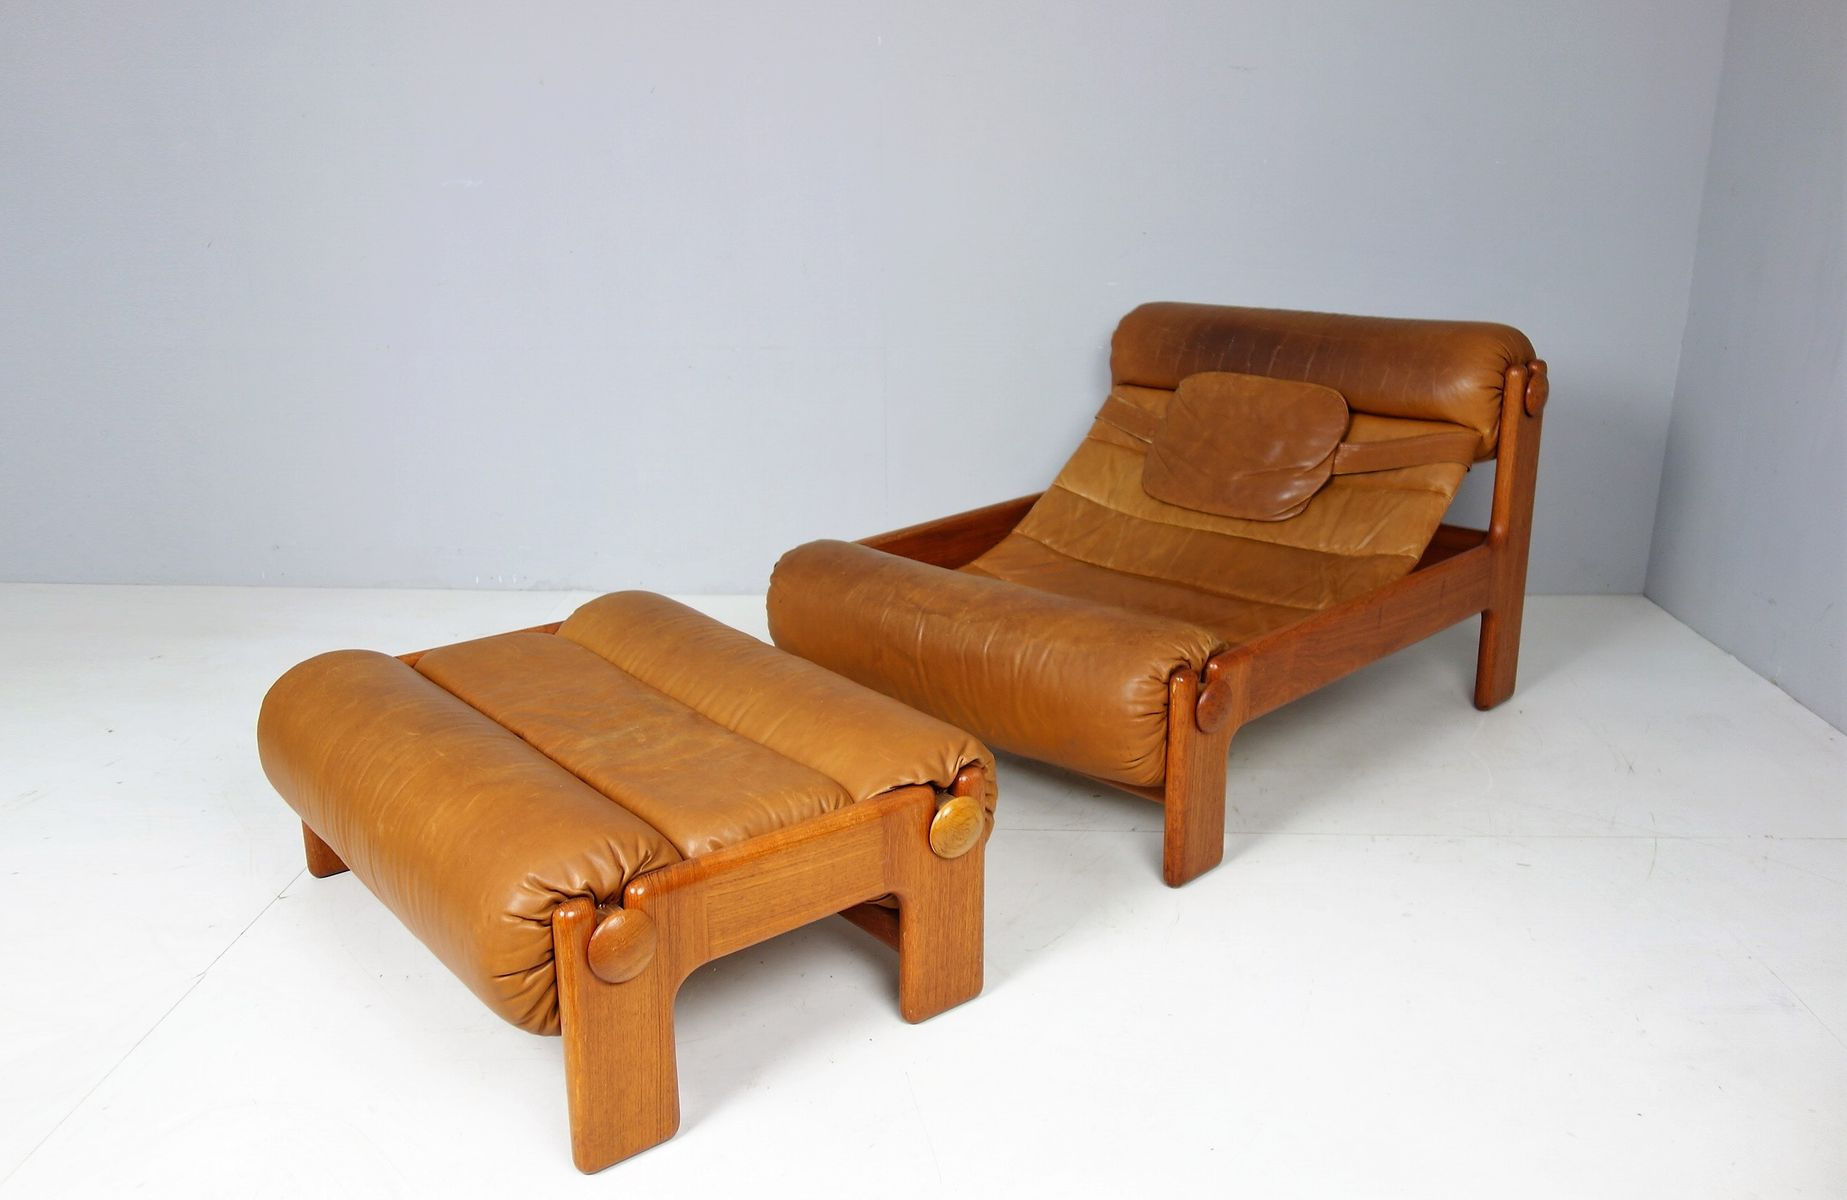 Schwedischer Vintage Sessel & Ottomane, 1960er